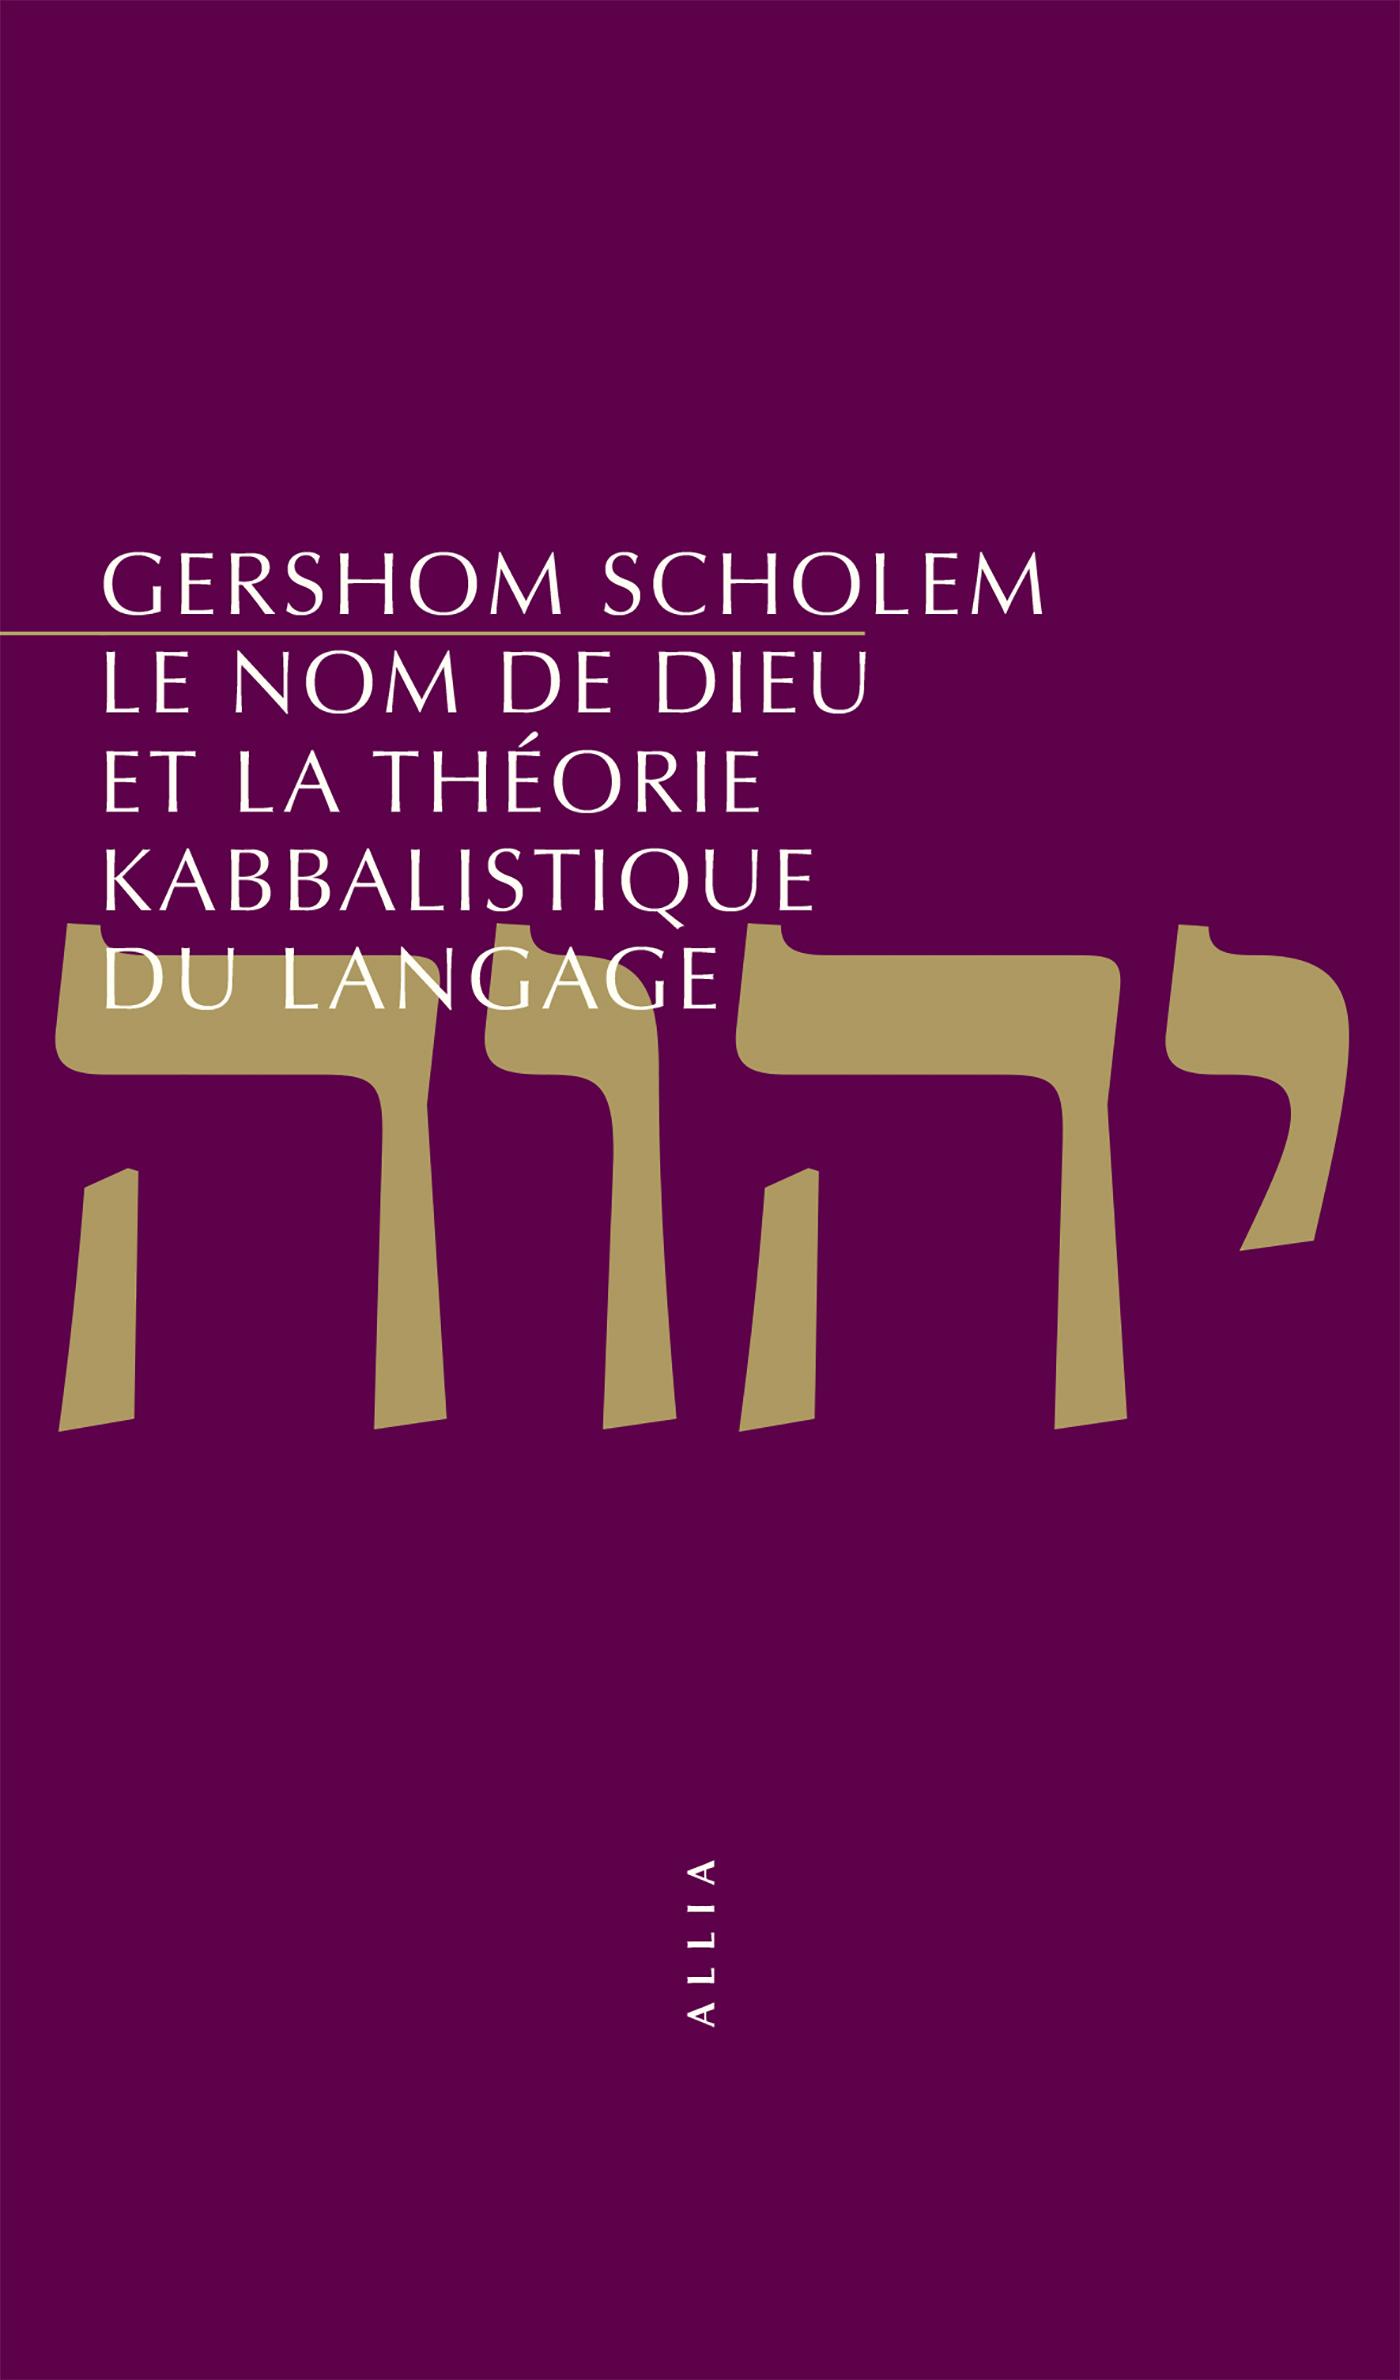 Le Nom de Dieu et la théorie kabbalistique du langage